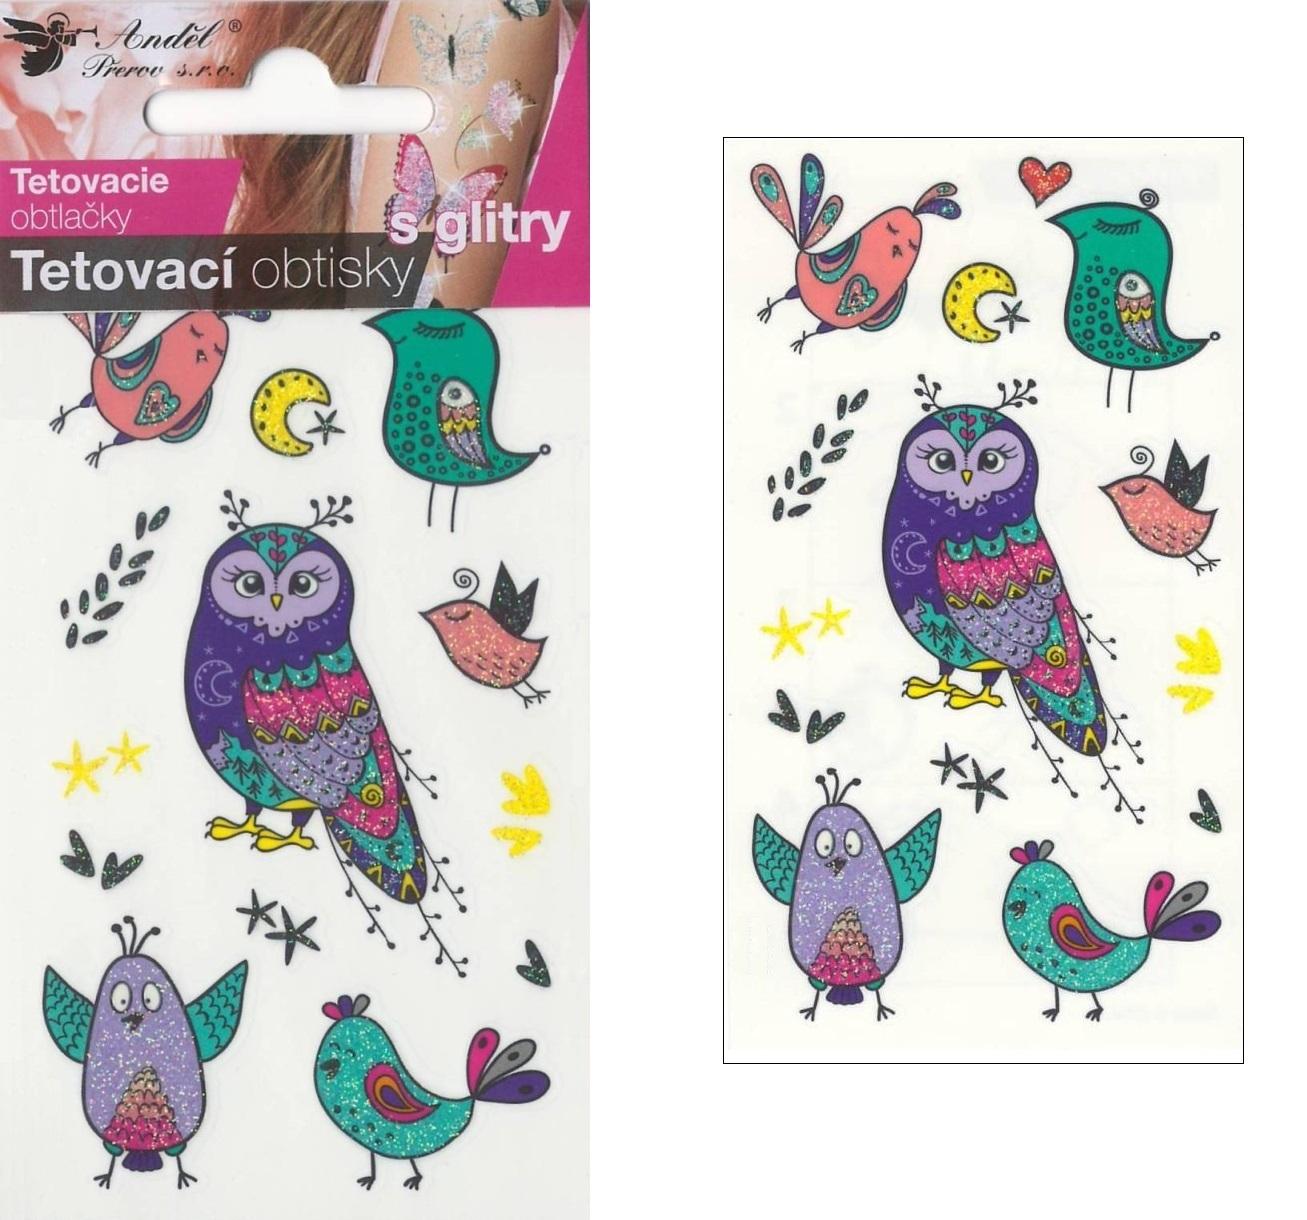 Obtisky tetovací s glitry 10,5x6 cm- ptáčci